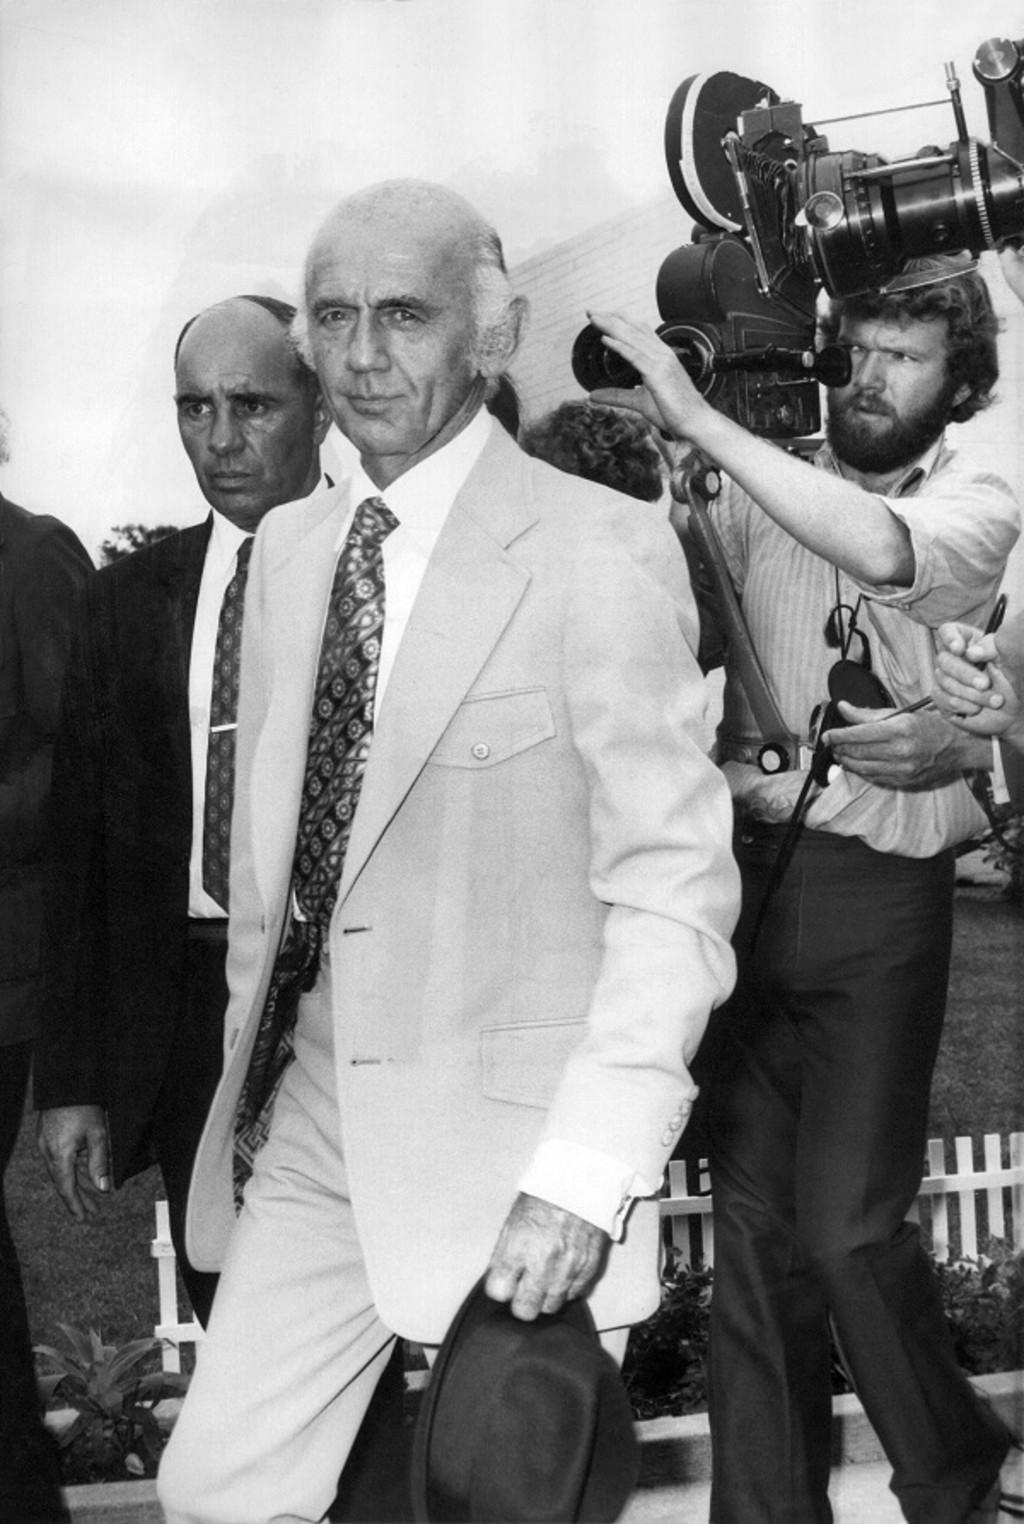 William McMahon est considéré comme le 9e meilleur premier ministre d'Australie